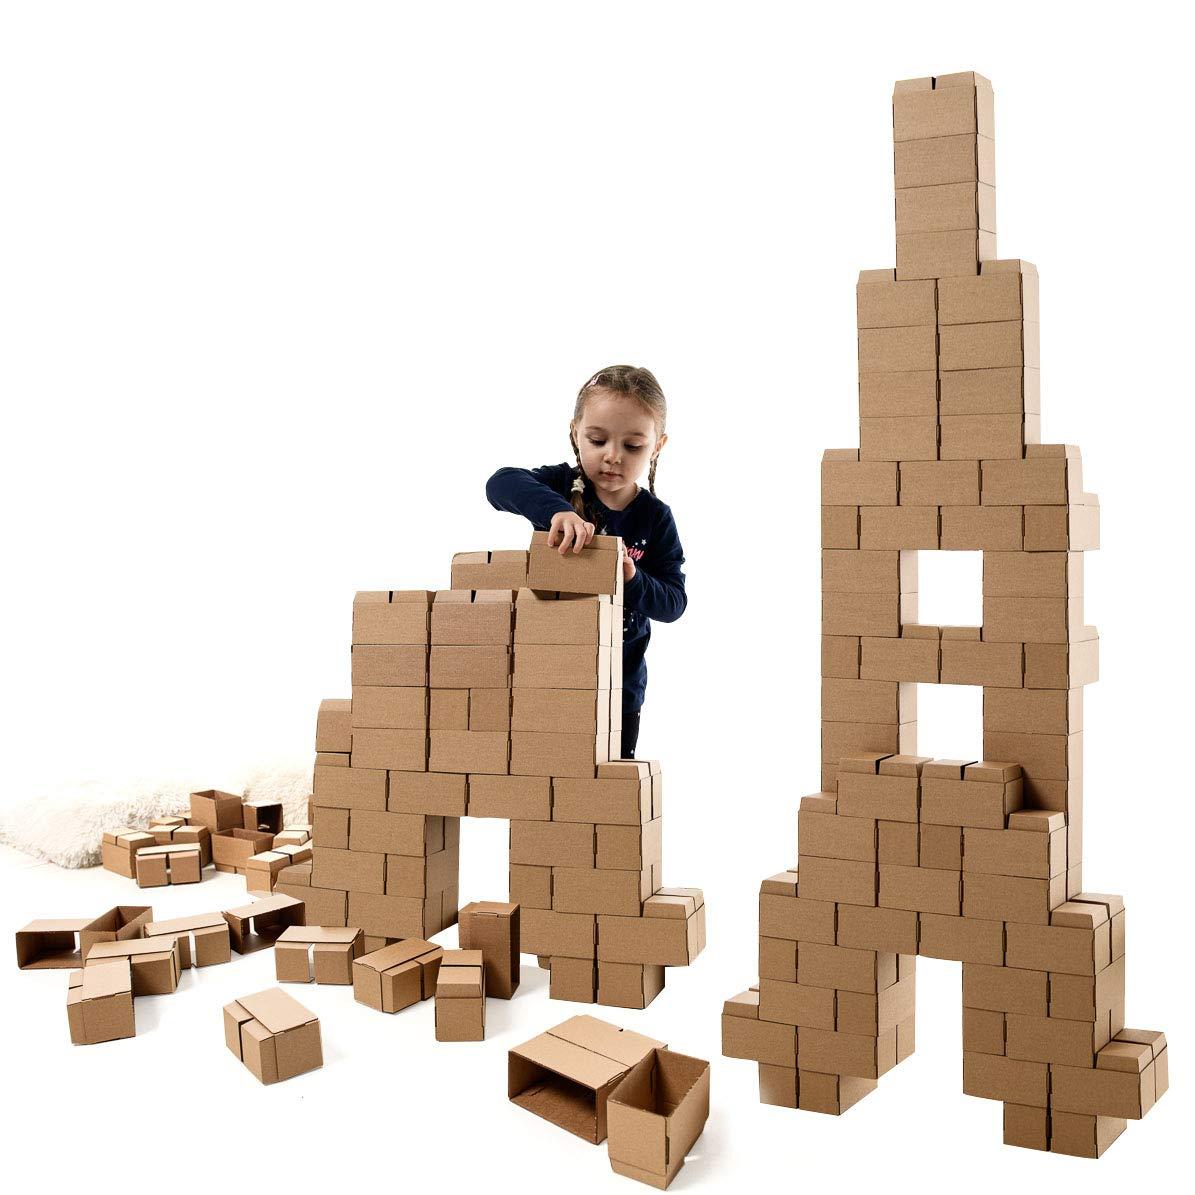 Gigi Bloks Bloques de Construcción Gigantes de Cartón para Niños | Set de Bloques Infantiles de 96 Piezas XL Apilables | Juguetes Montessori de Ladrillos de Construcción Grandes de Tamaño Real G-3